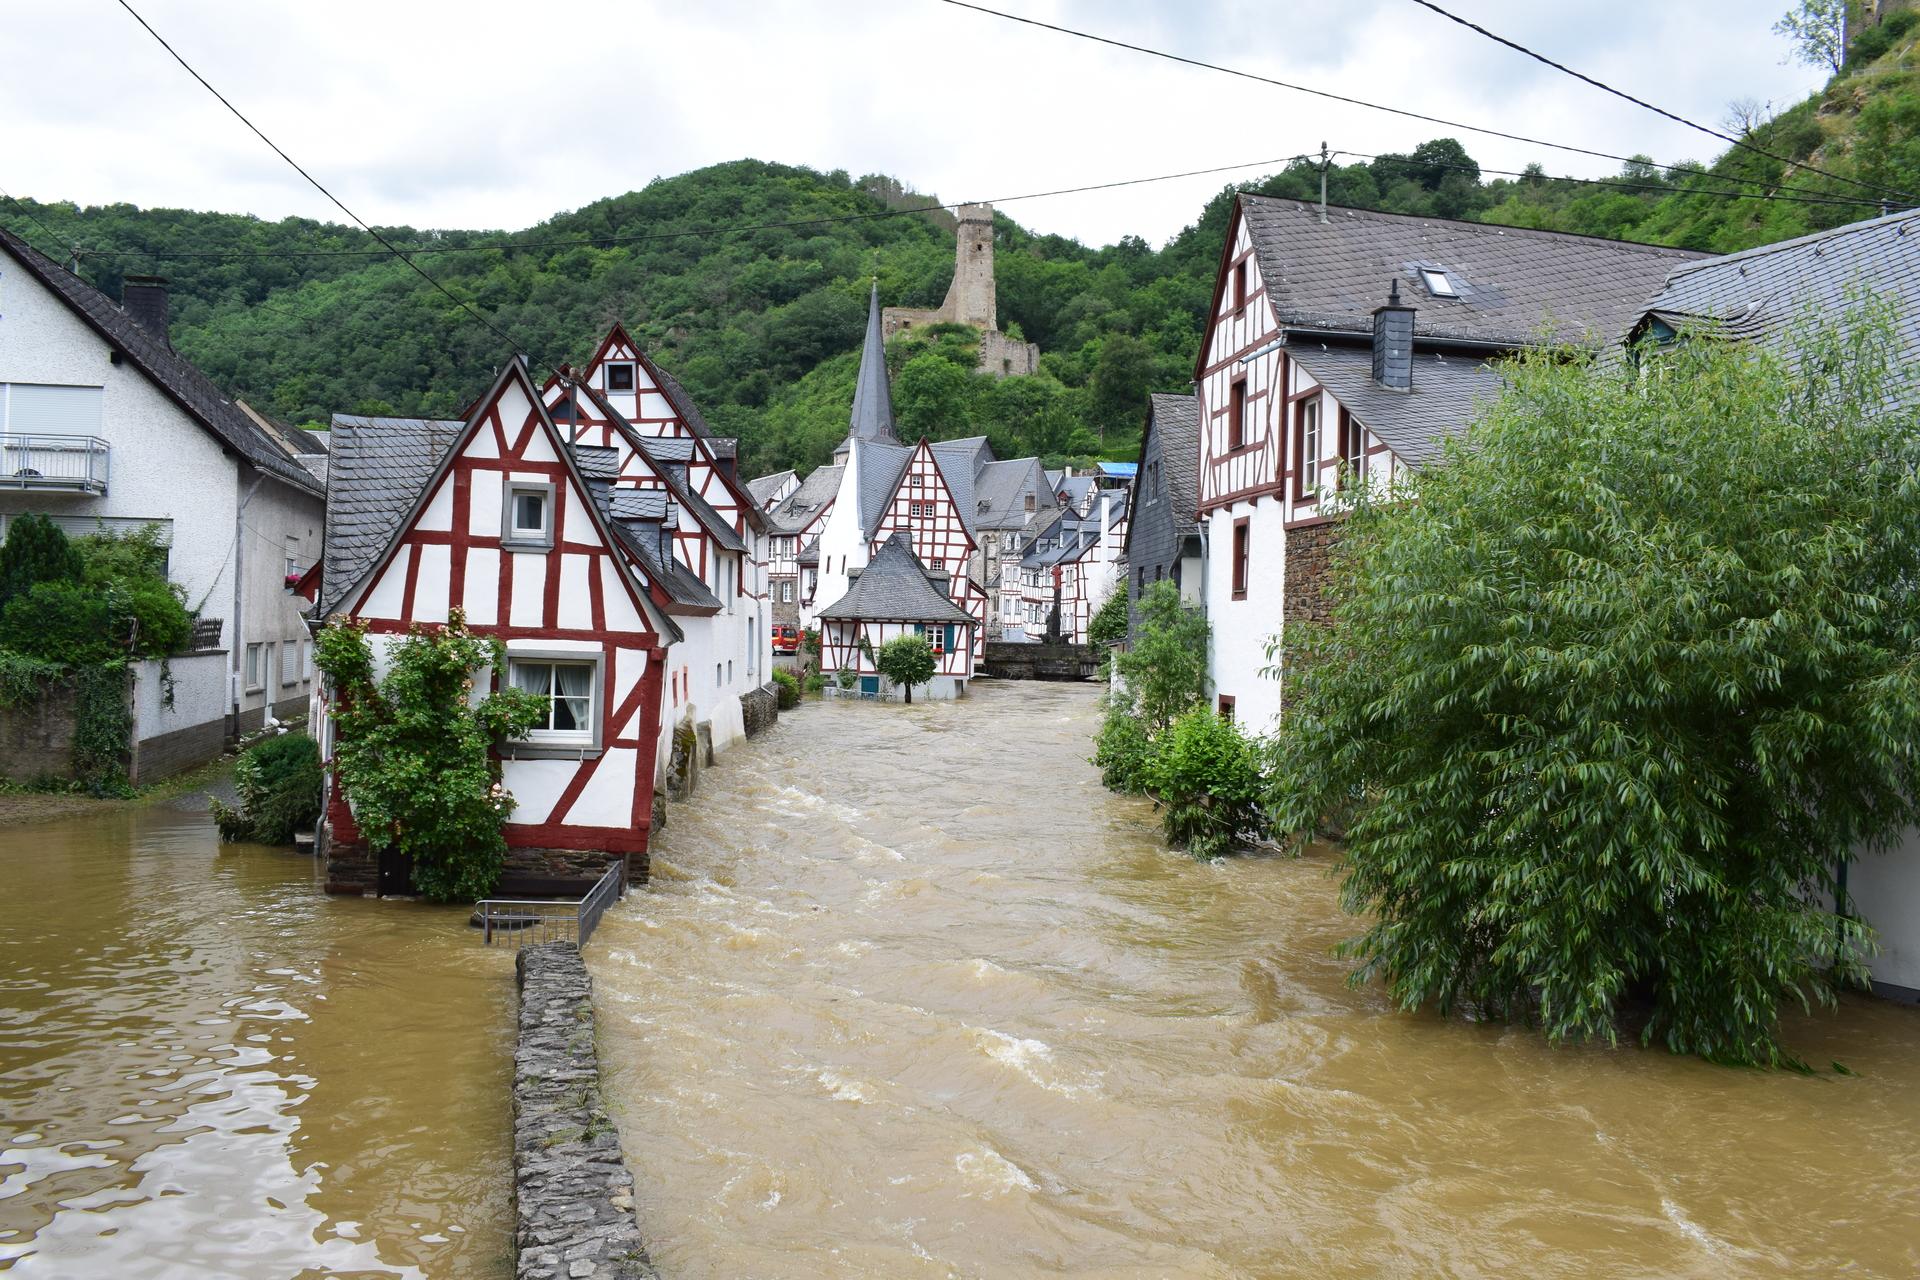 Nach der Flutkatastrophe im Westen Deutschlands stehen Menschen vor den Trümmern ihrer Existenz.